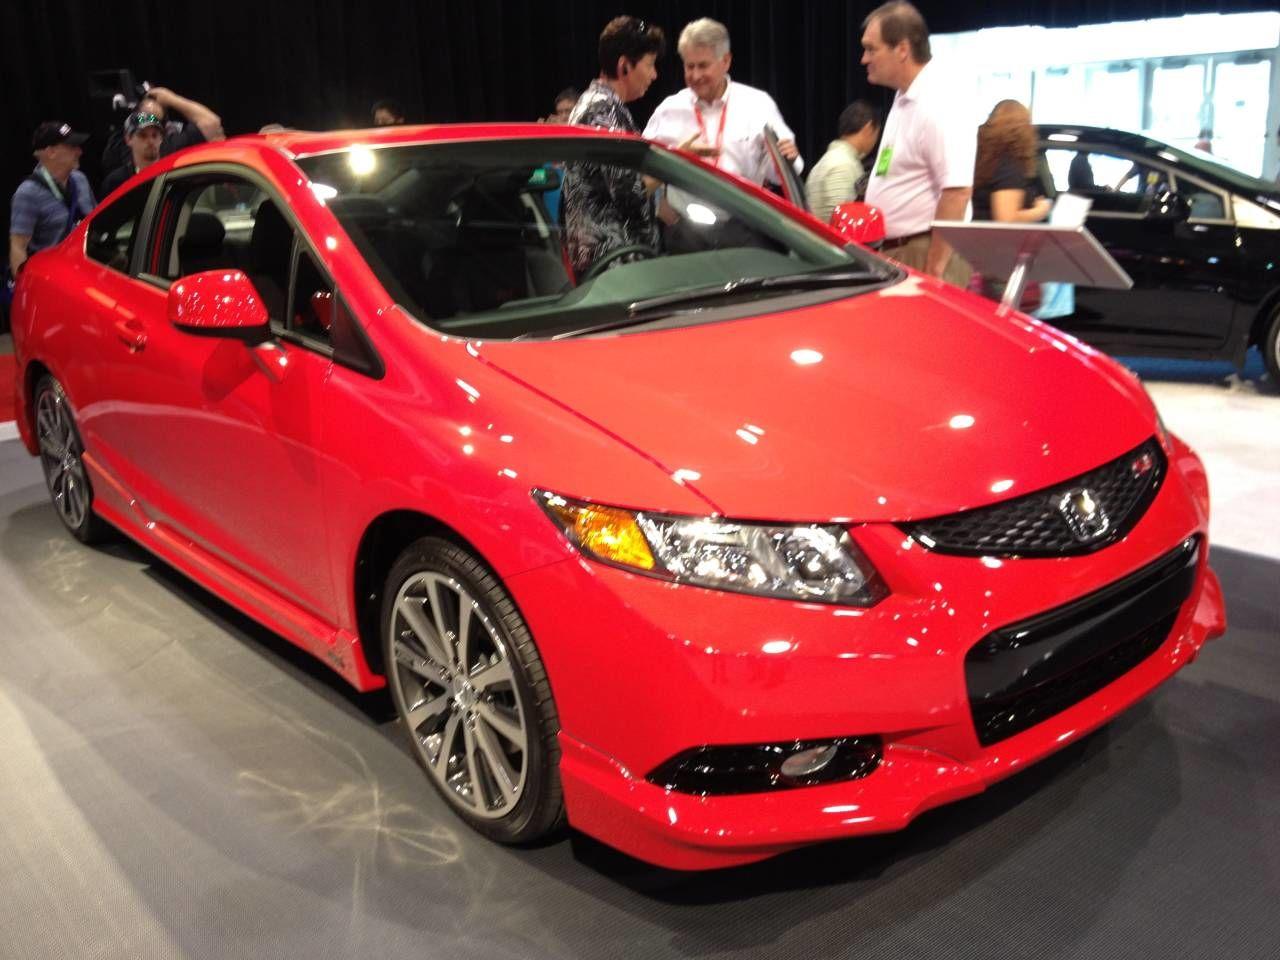 Honda Civic Aftermarket Parts >> 17 Best Ideas About Honda Civic Parts On Pinterest Honda